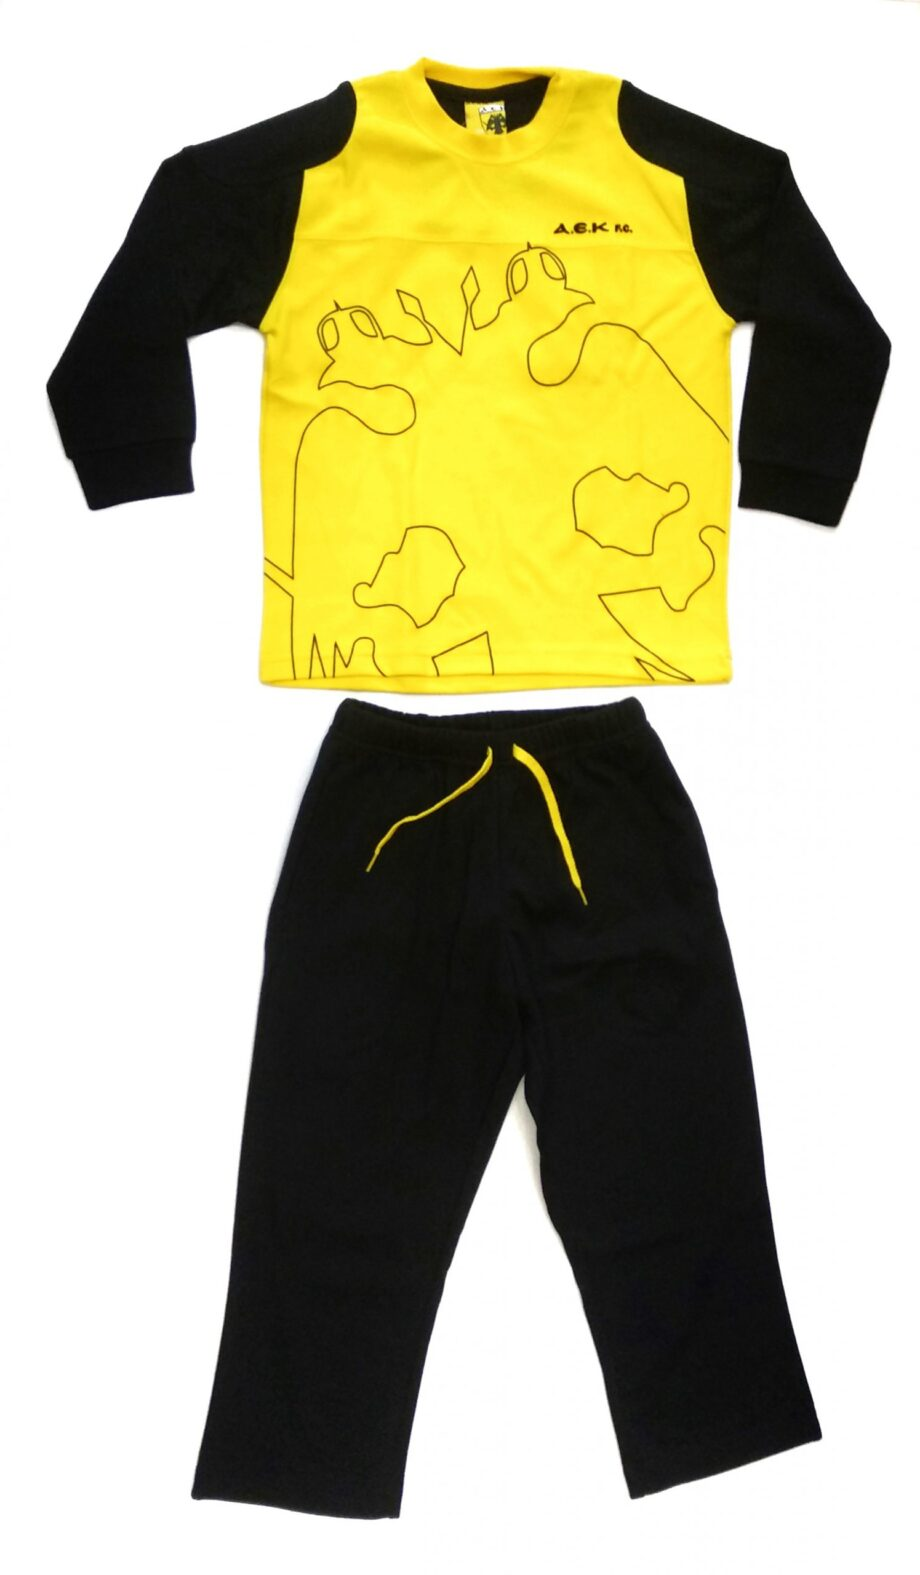 Παιδική-πιτζάμα-ΑΕΚ-κίτρινο-μαύρο-scaled-1.jpeg